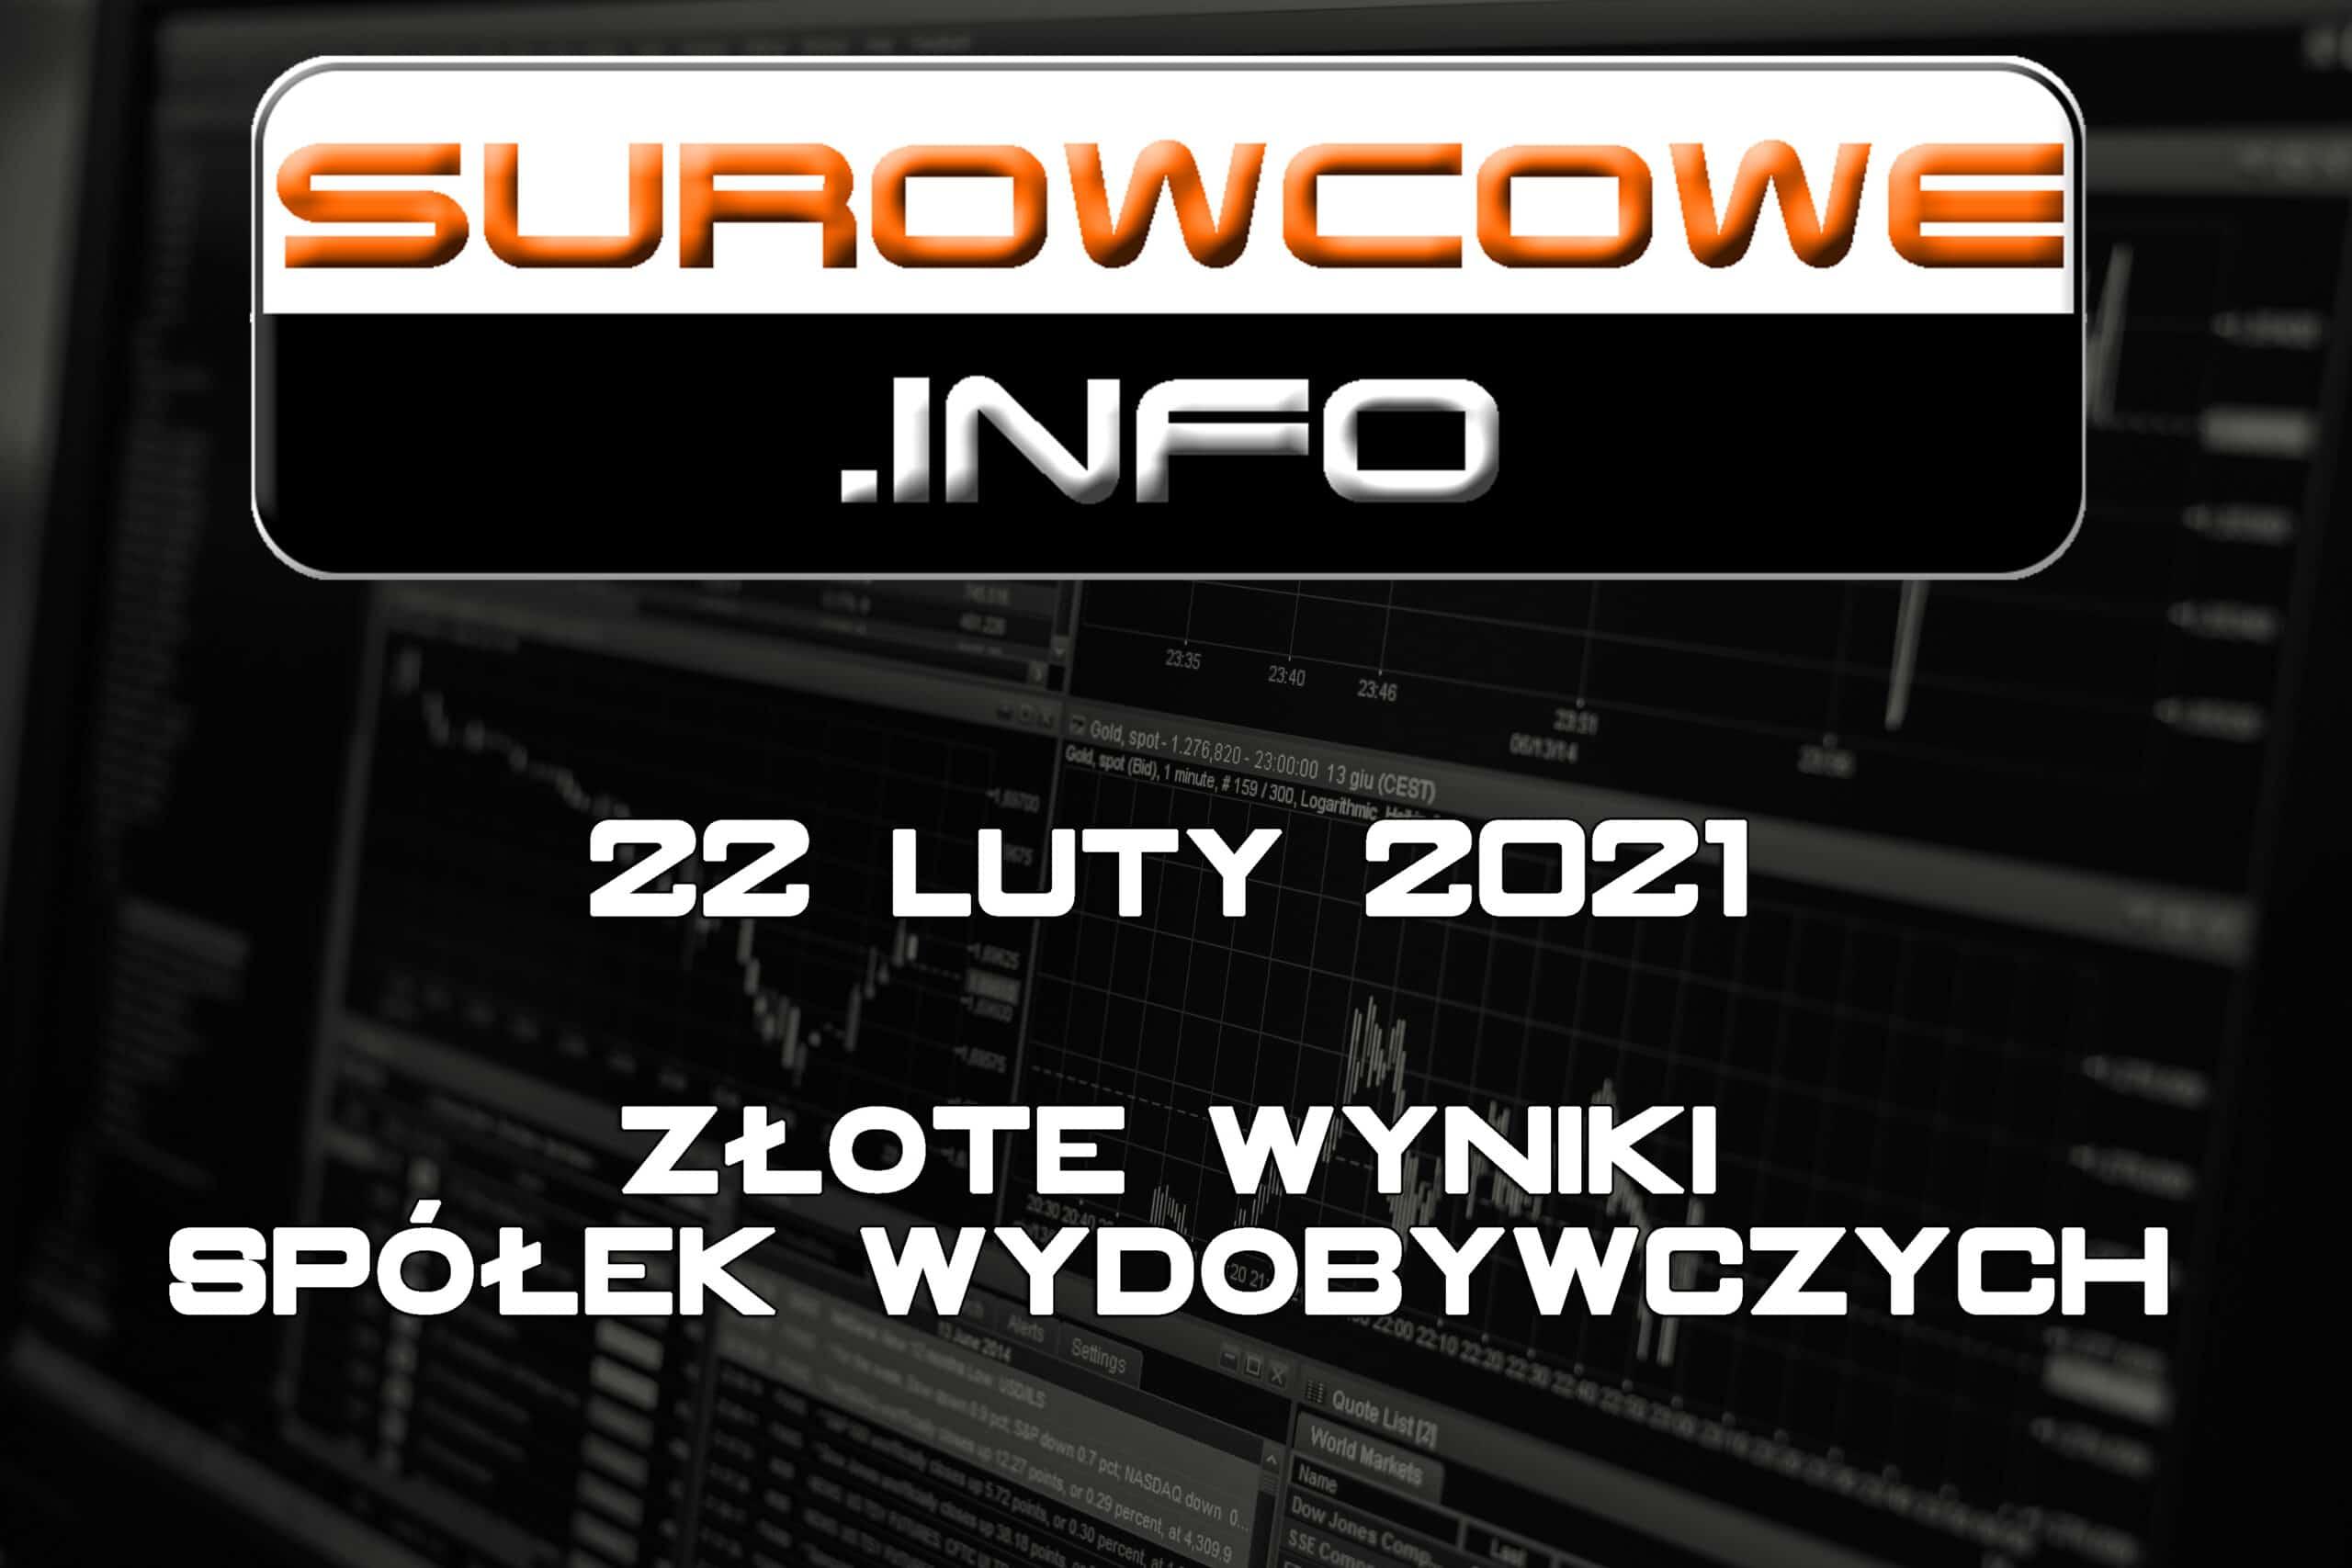 Surowcowe.info 22 luty 2021 – złote wyniki spółek wydobywczych